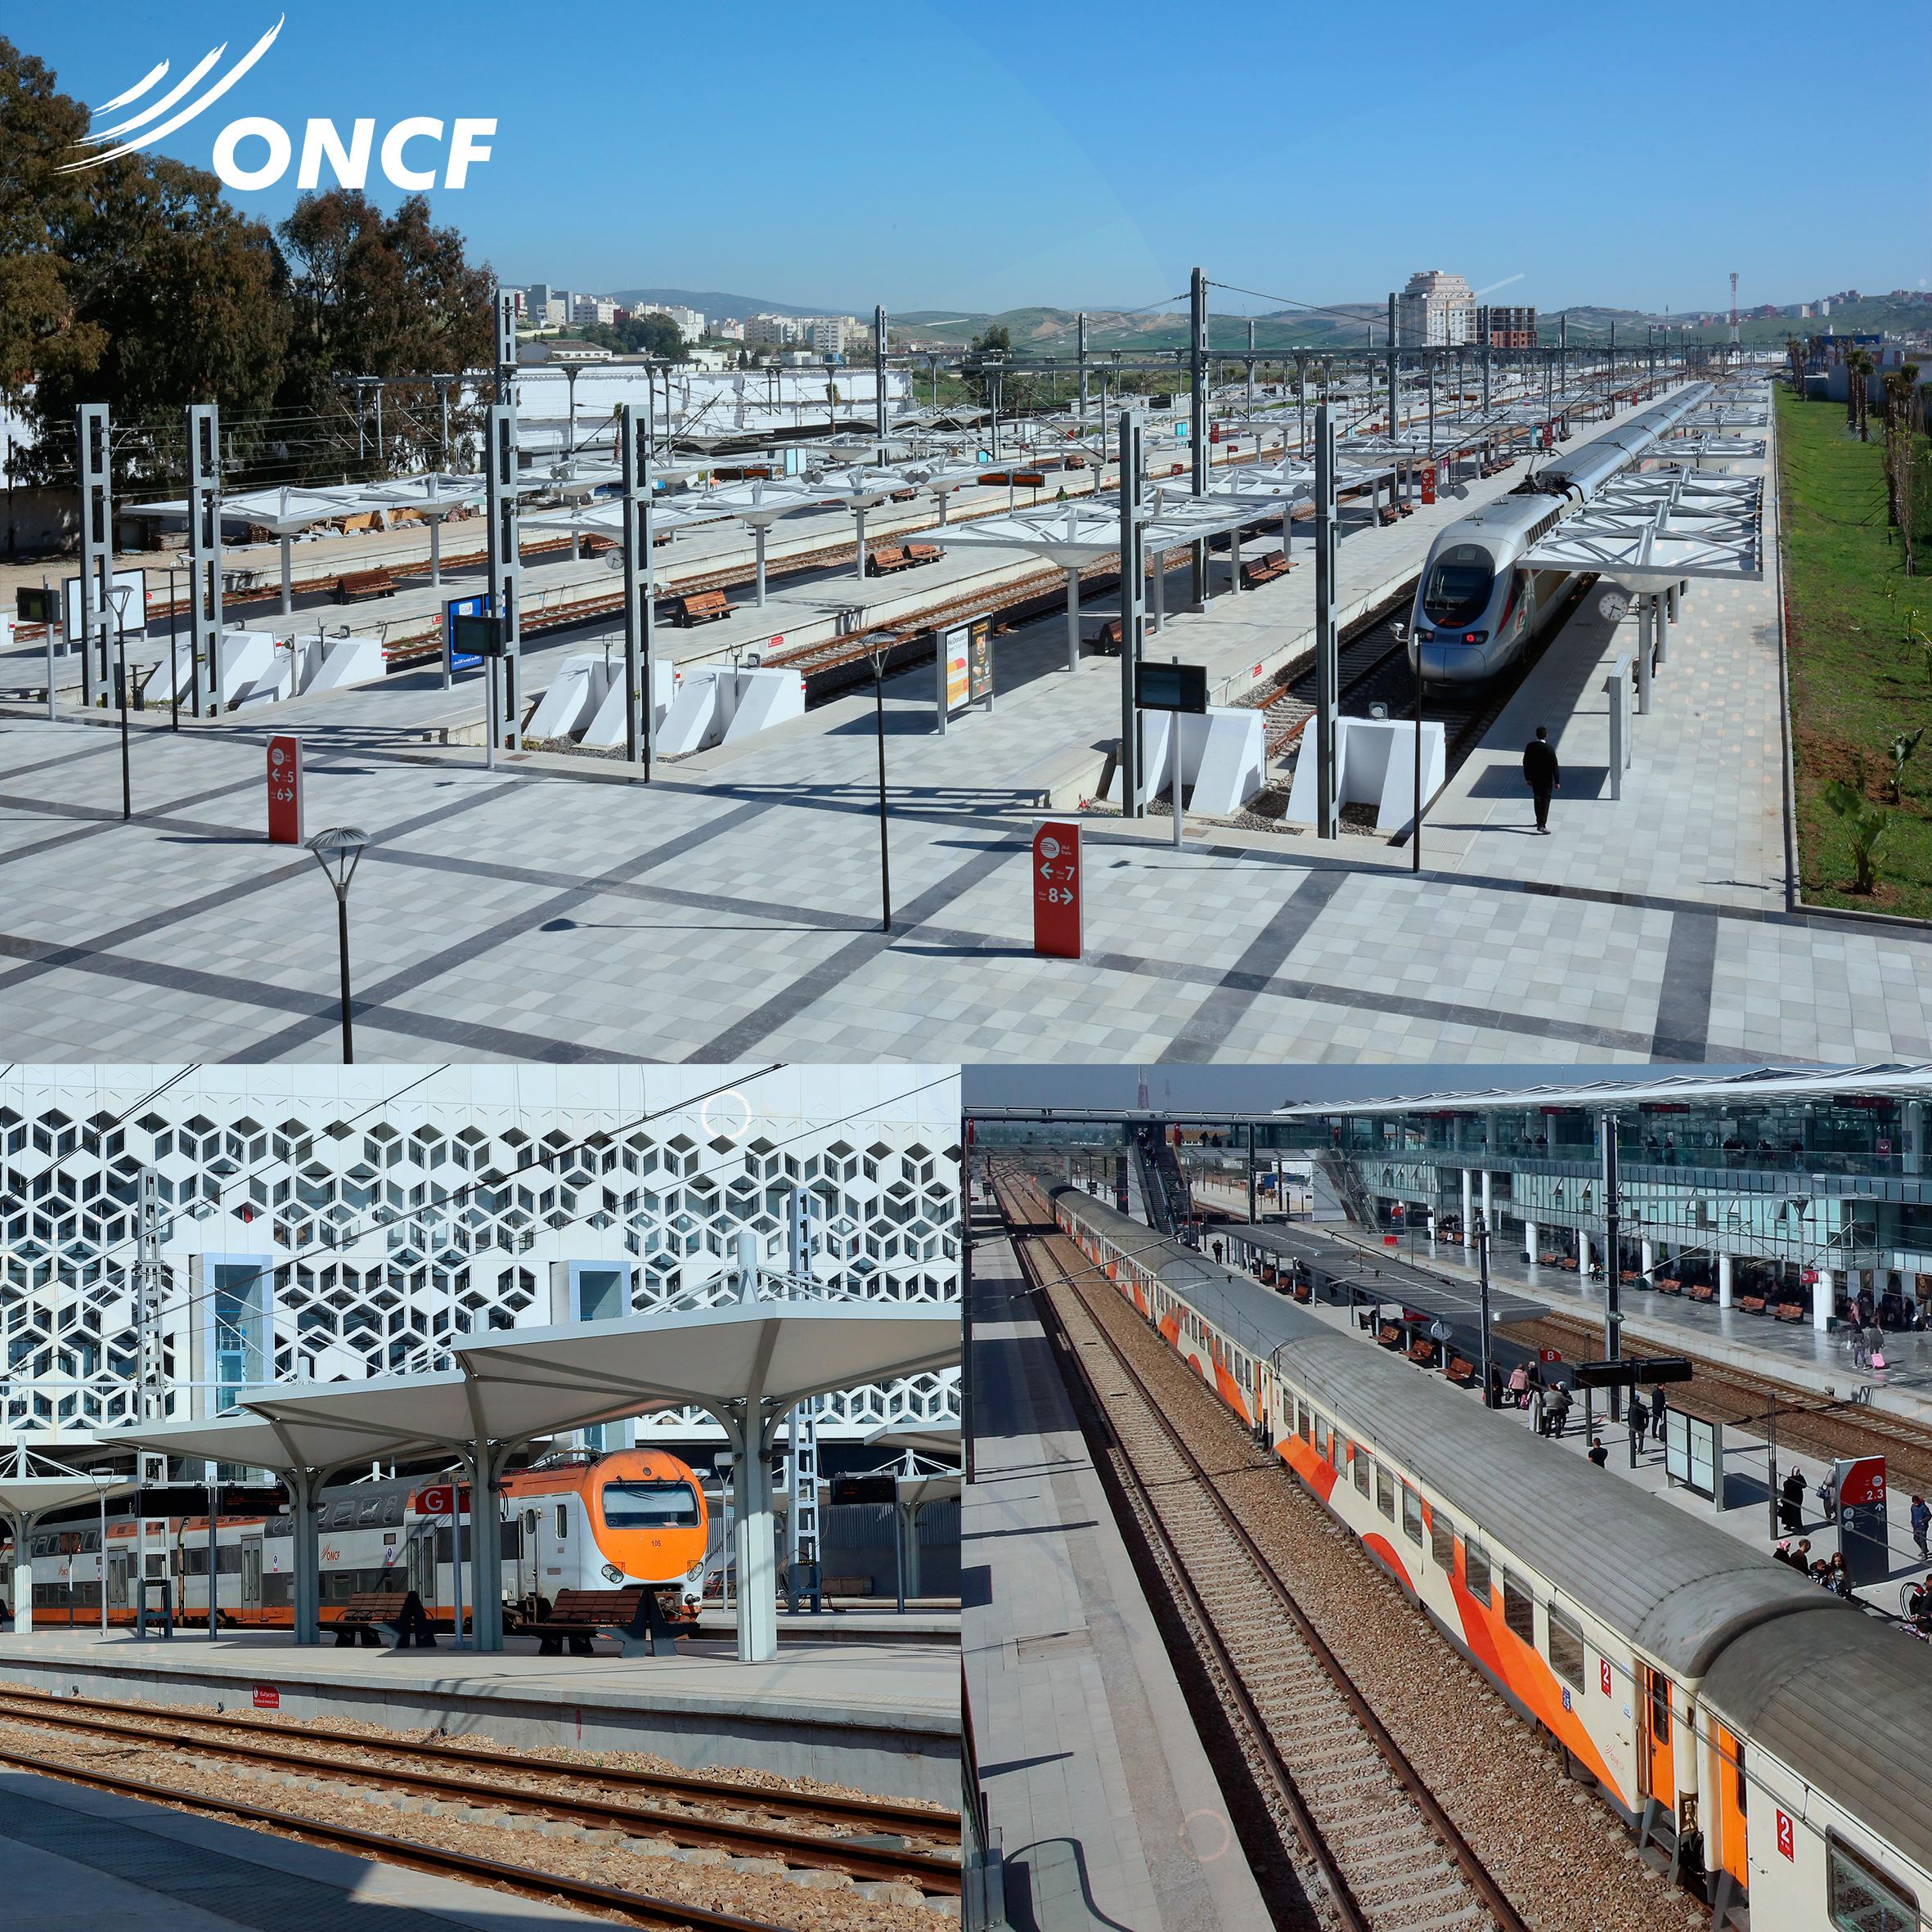 الاستئناف التدريجي لحركة سير قطارات البراق والأطلس في احترام لتدابير السلامة الصحية